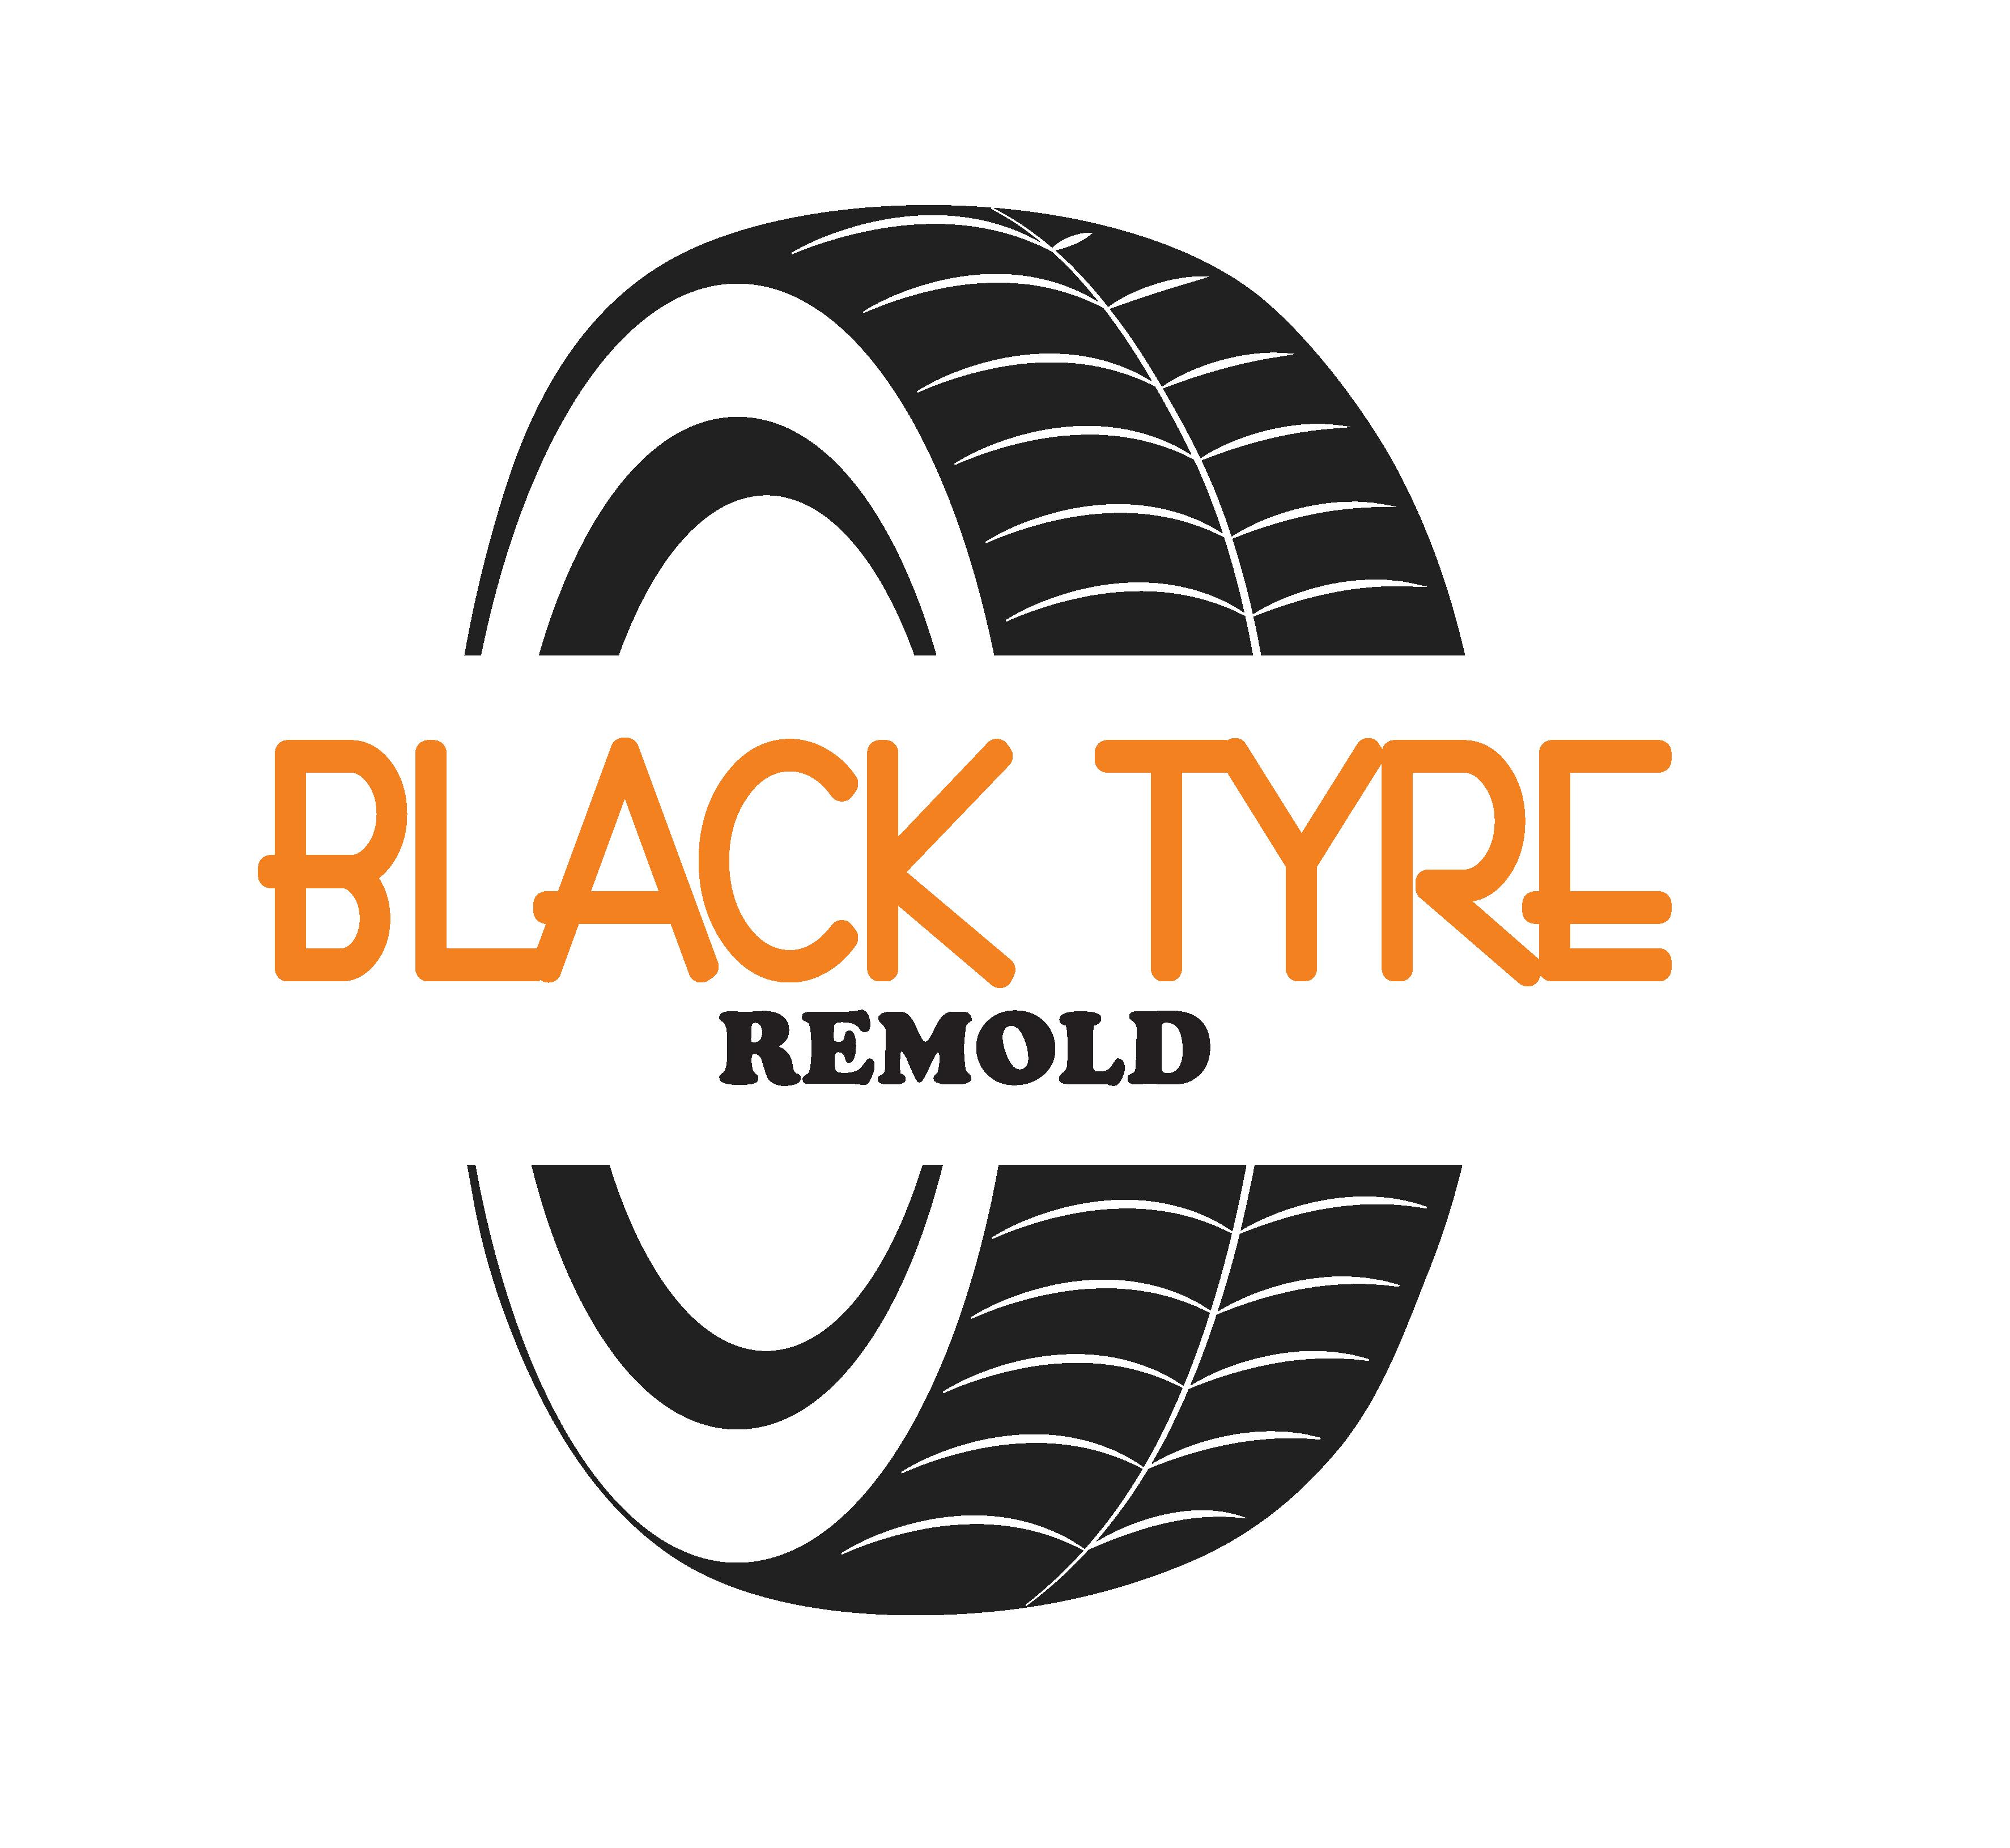 Black Tyre – Pneus Remold – Atacado e Varejo